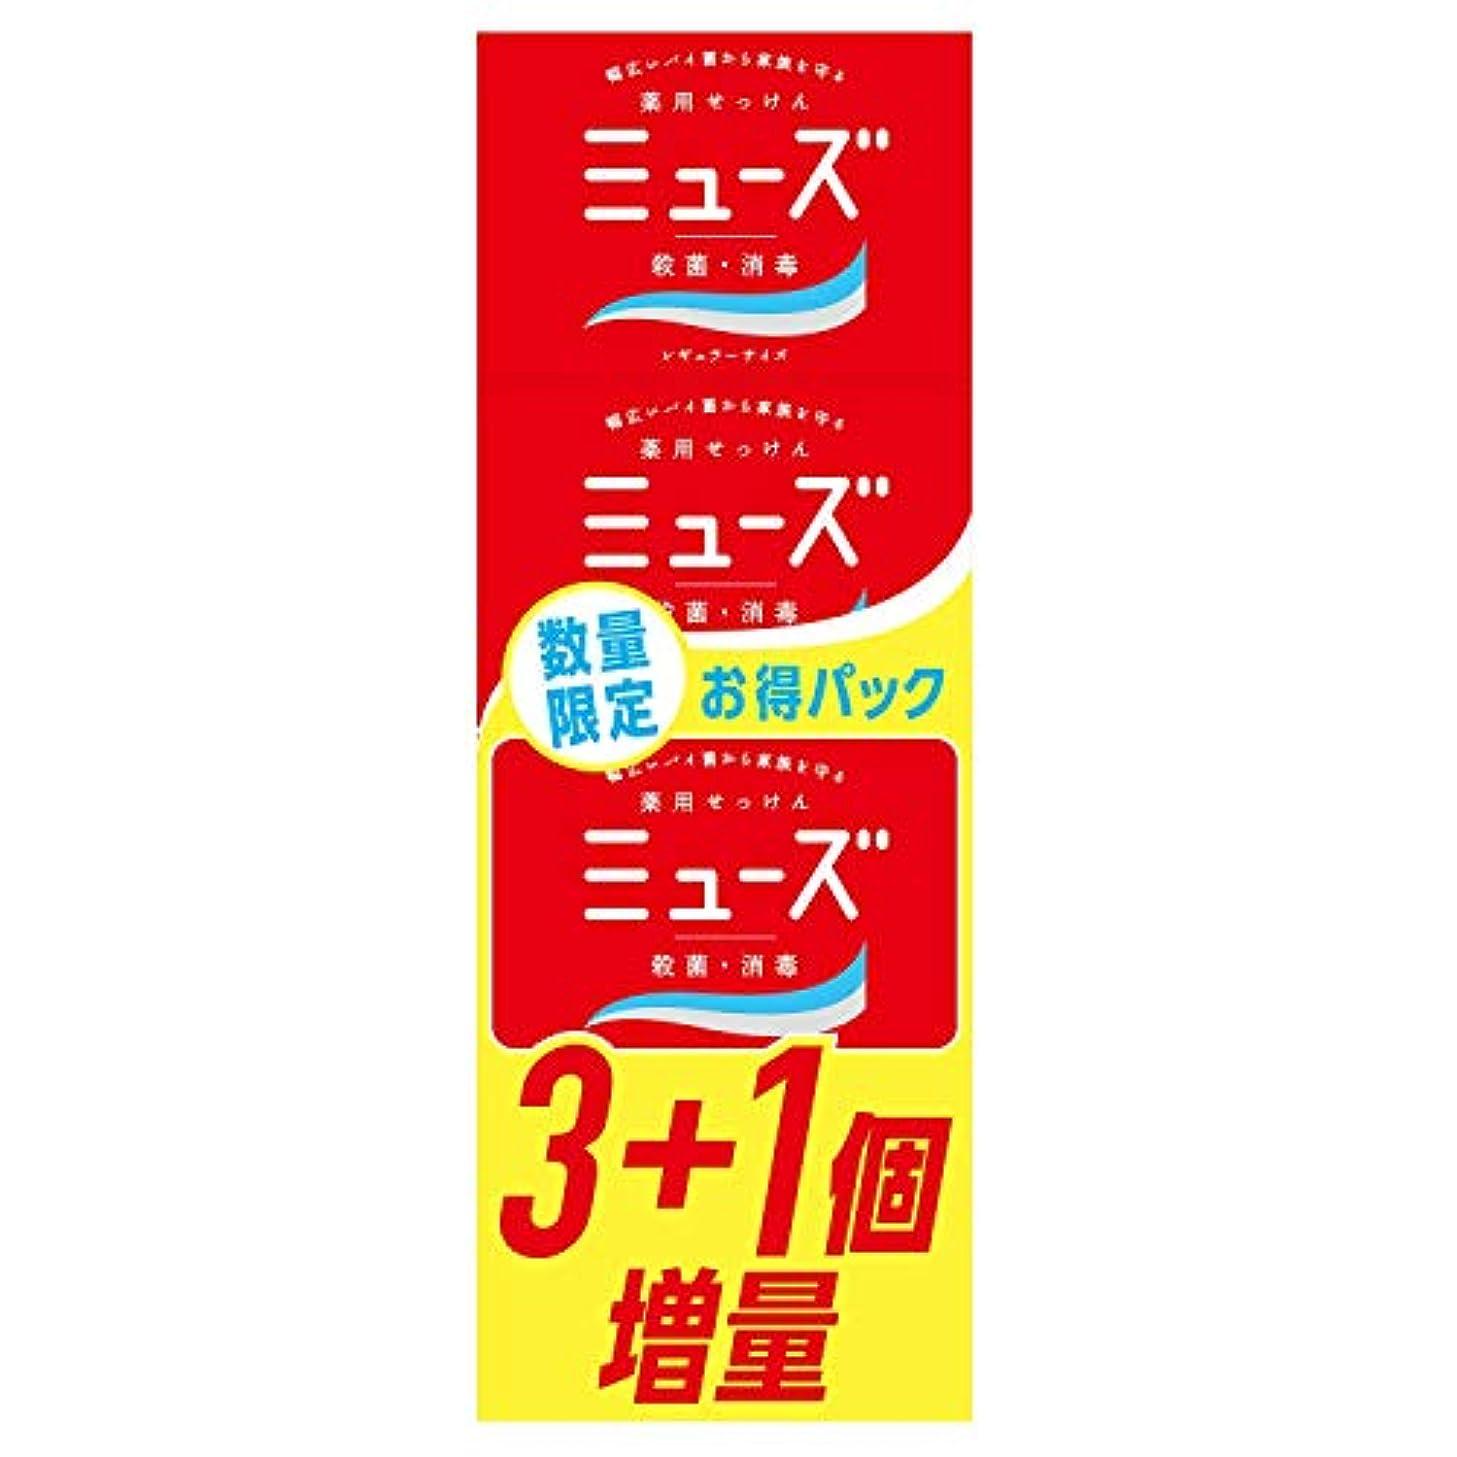 既に市民権局【医薬部外品】ミューズ石鹸レギュラー 3+1限定品